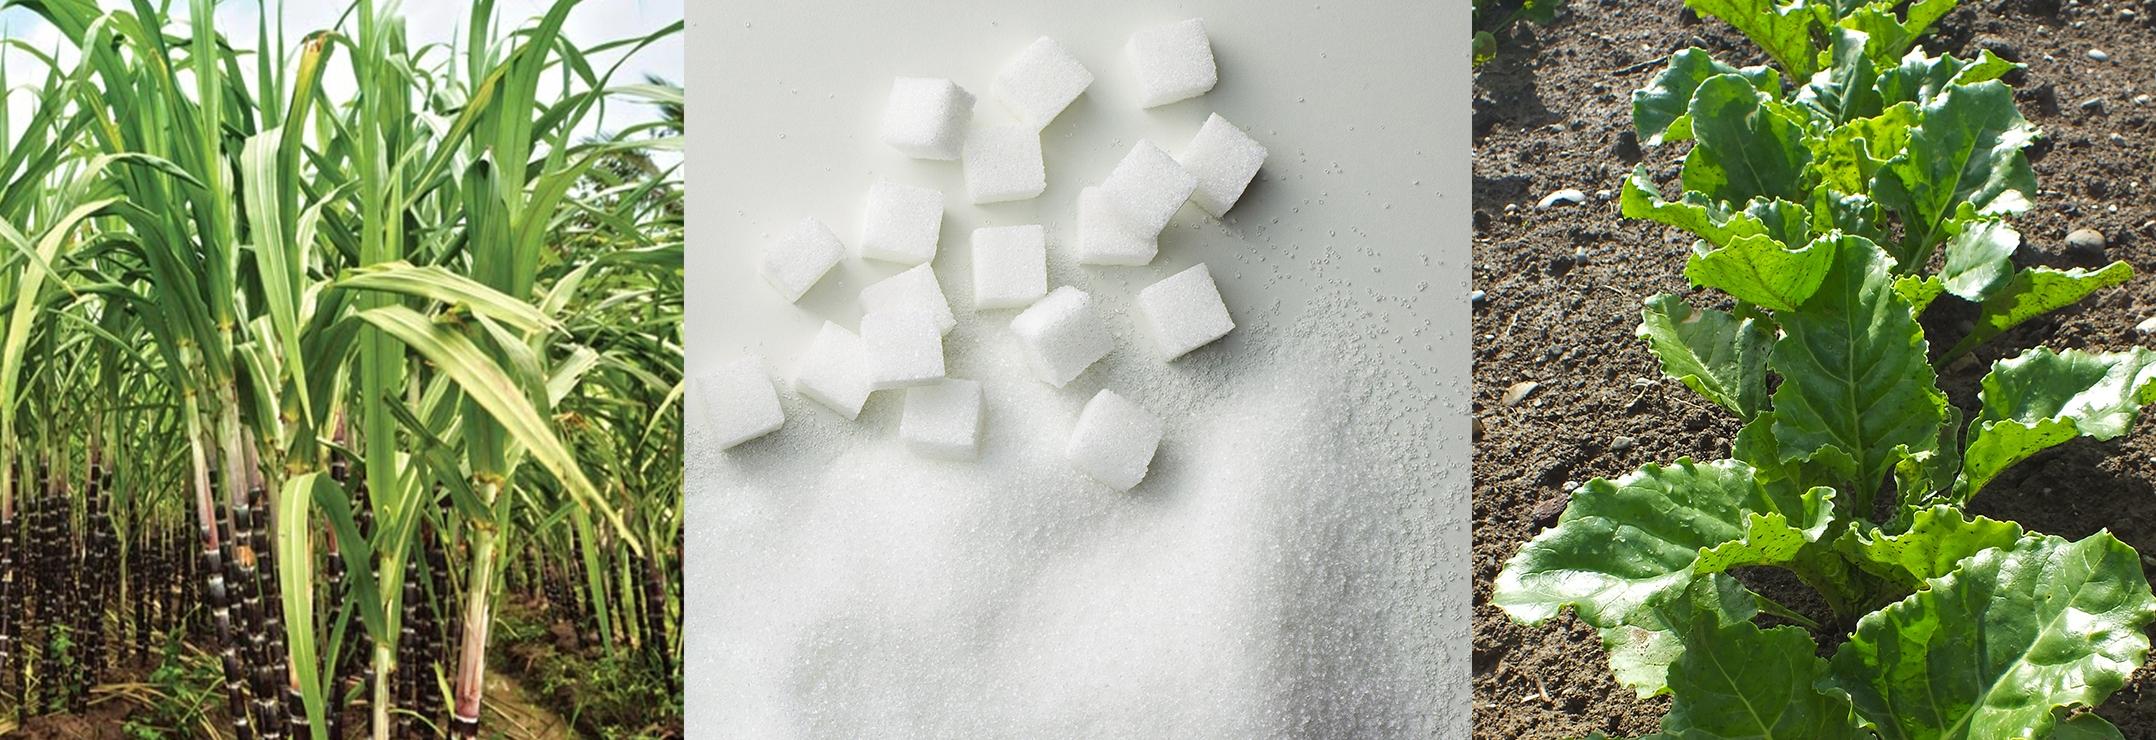 Photshop beet sugar cane sugar sugar - BLUR.jpg